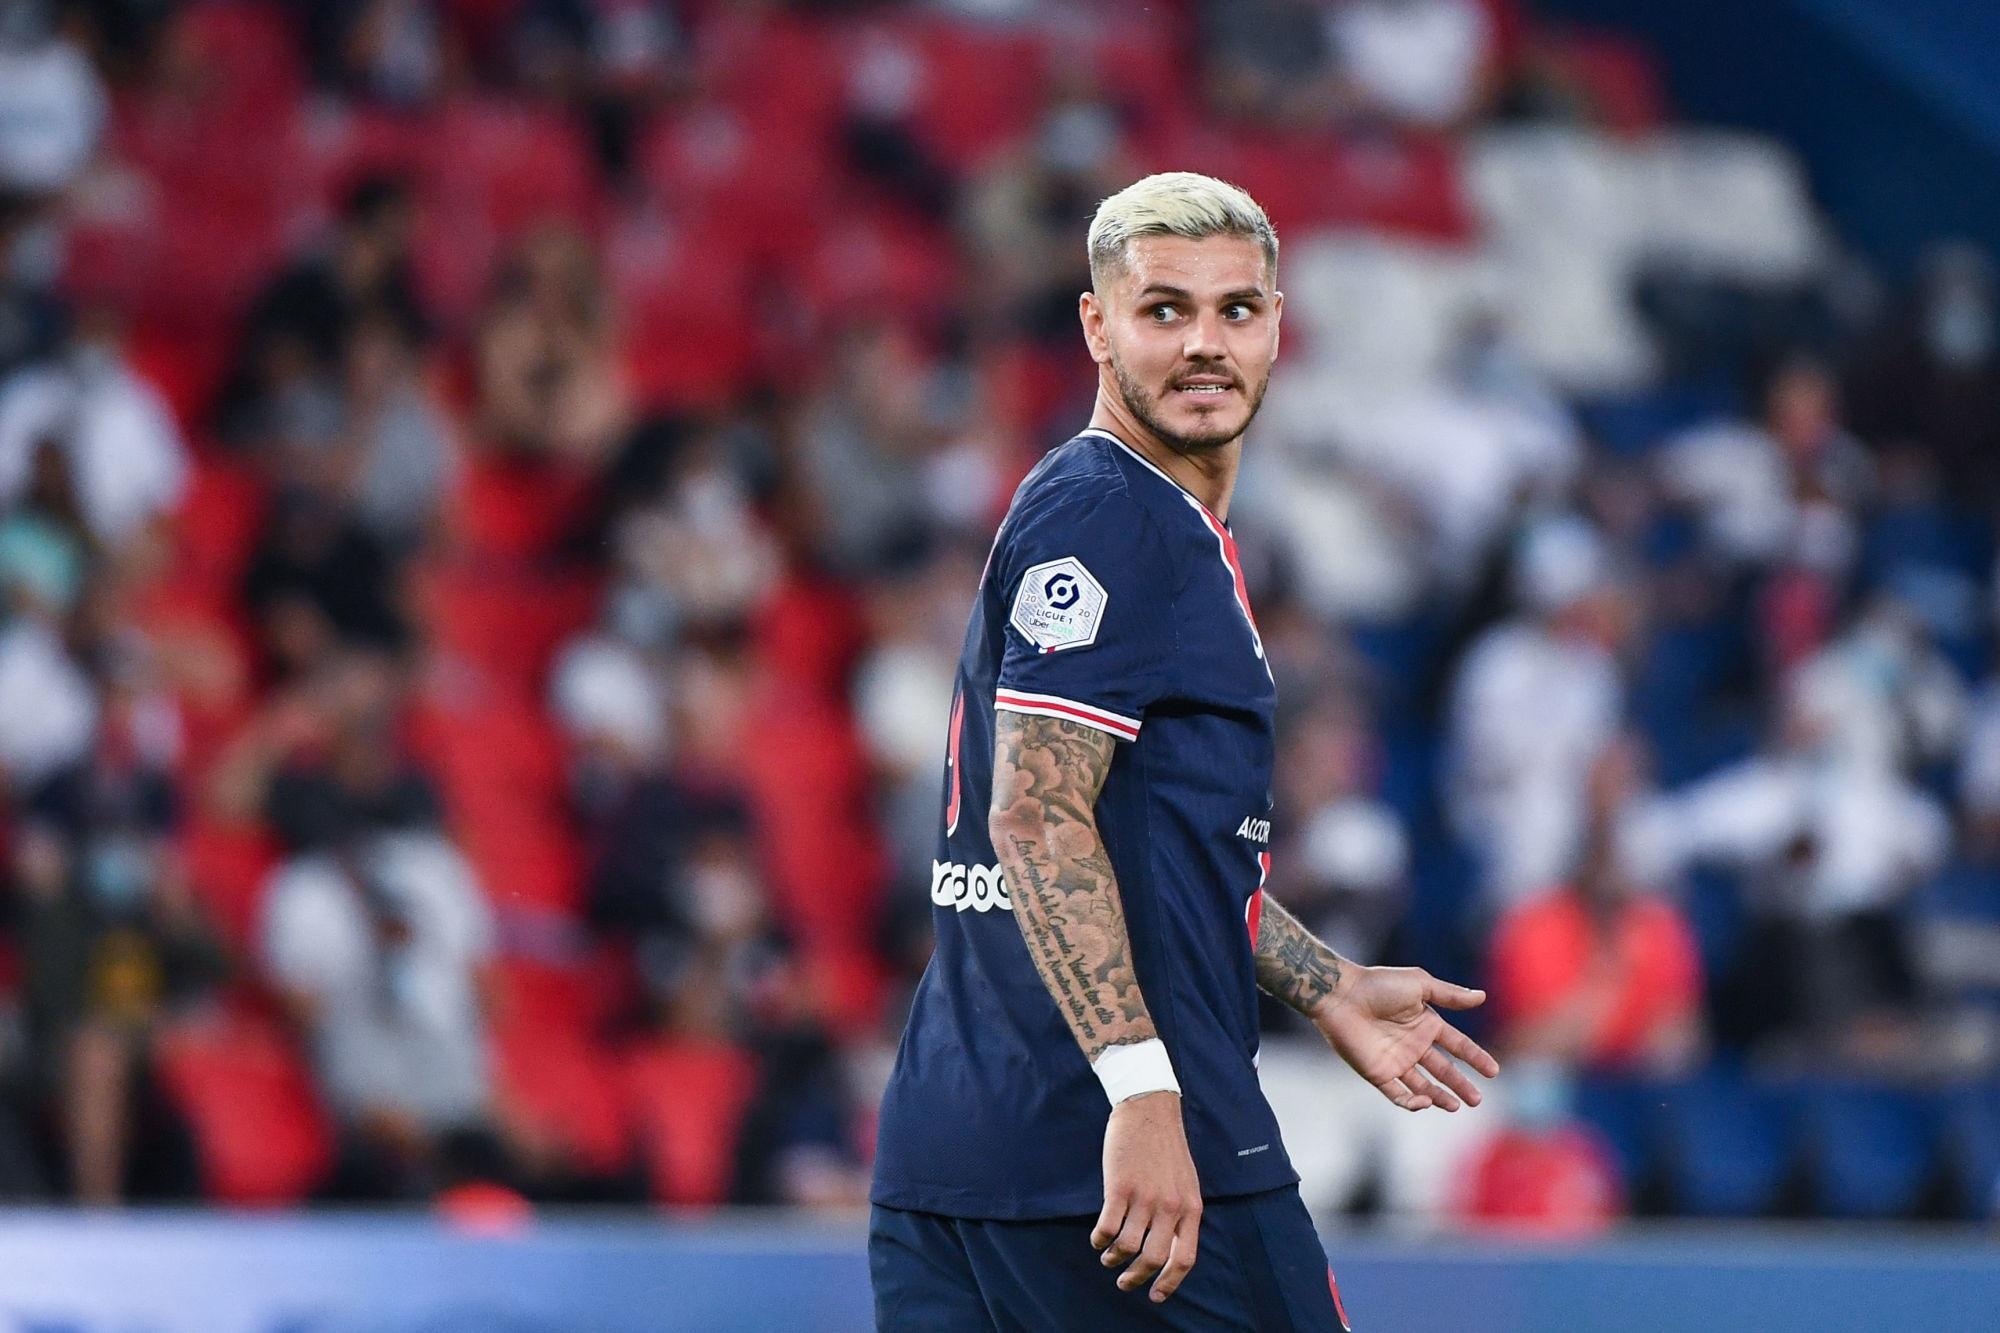 PSG/Metz - Jallet est satisfait de la performance d'Icardi